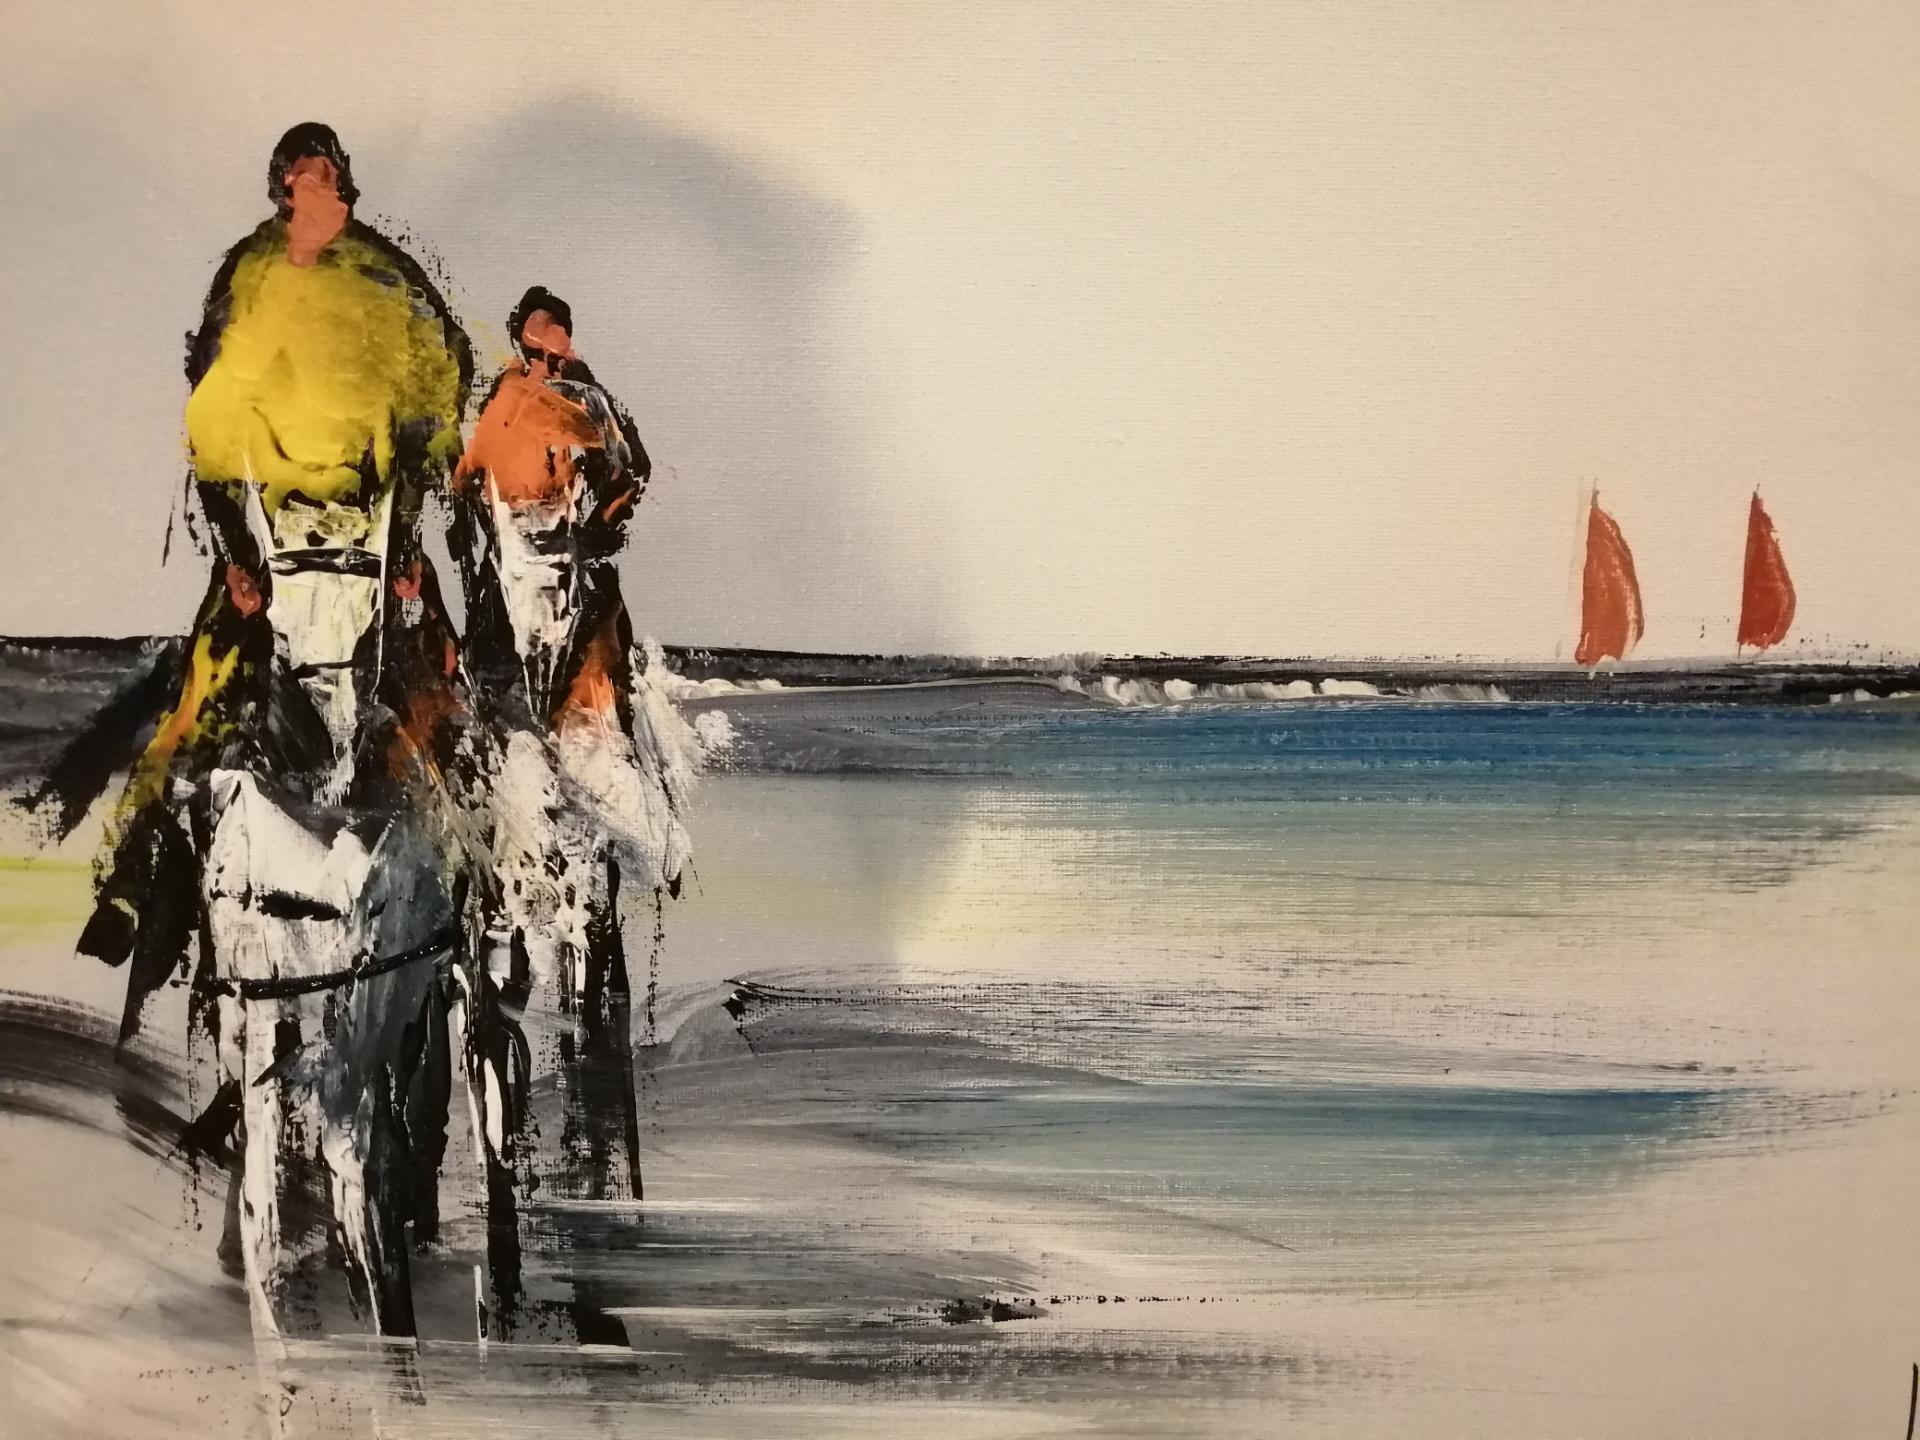 une balade à cheval sur la plage de wimereux